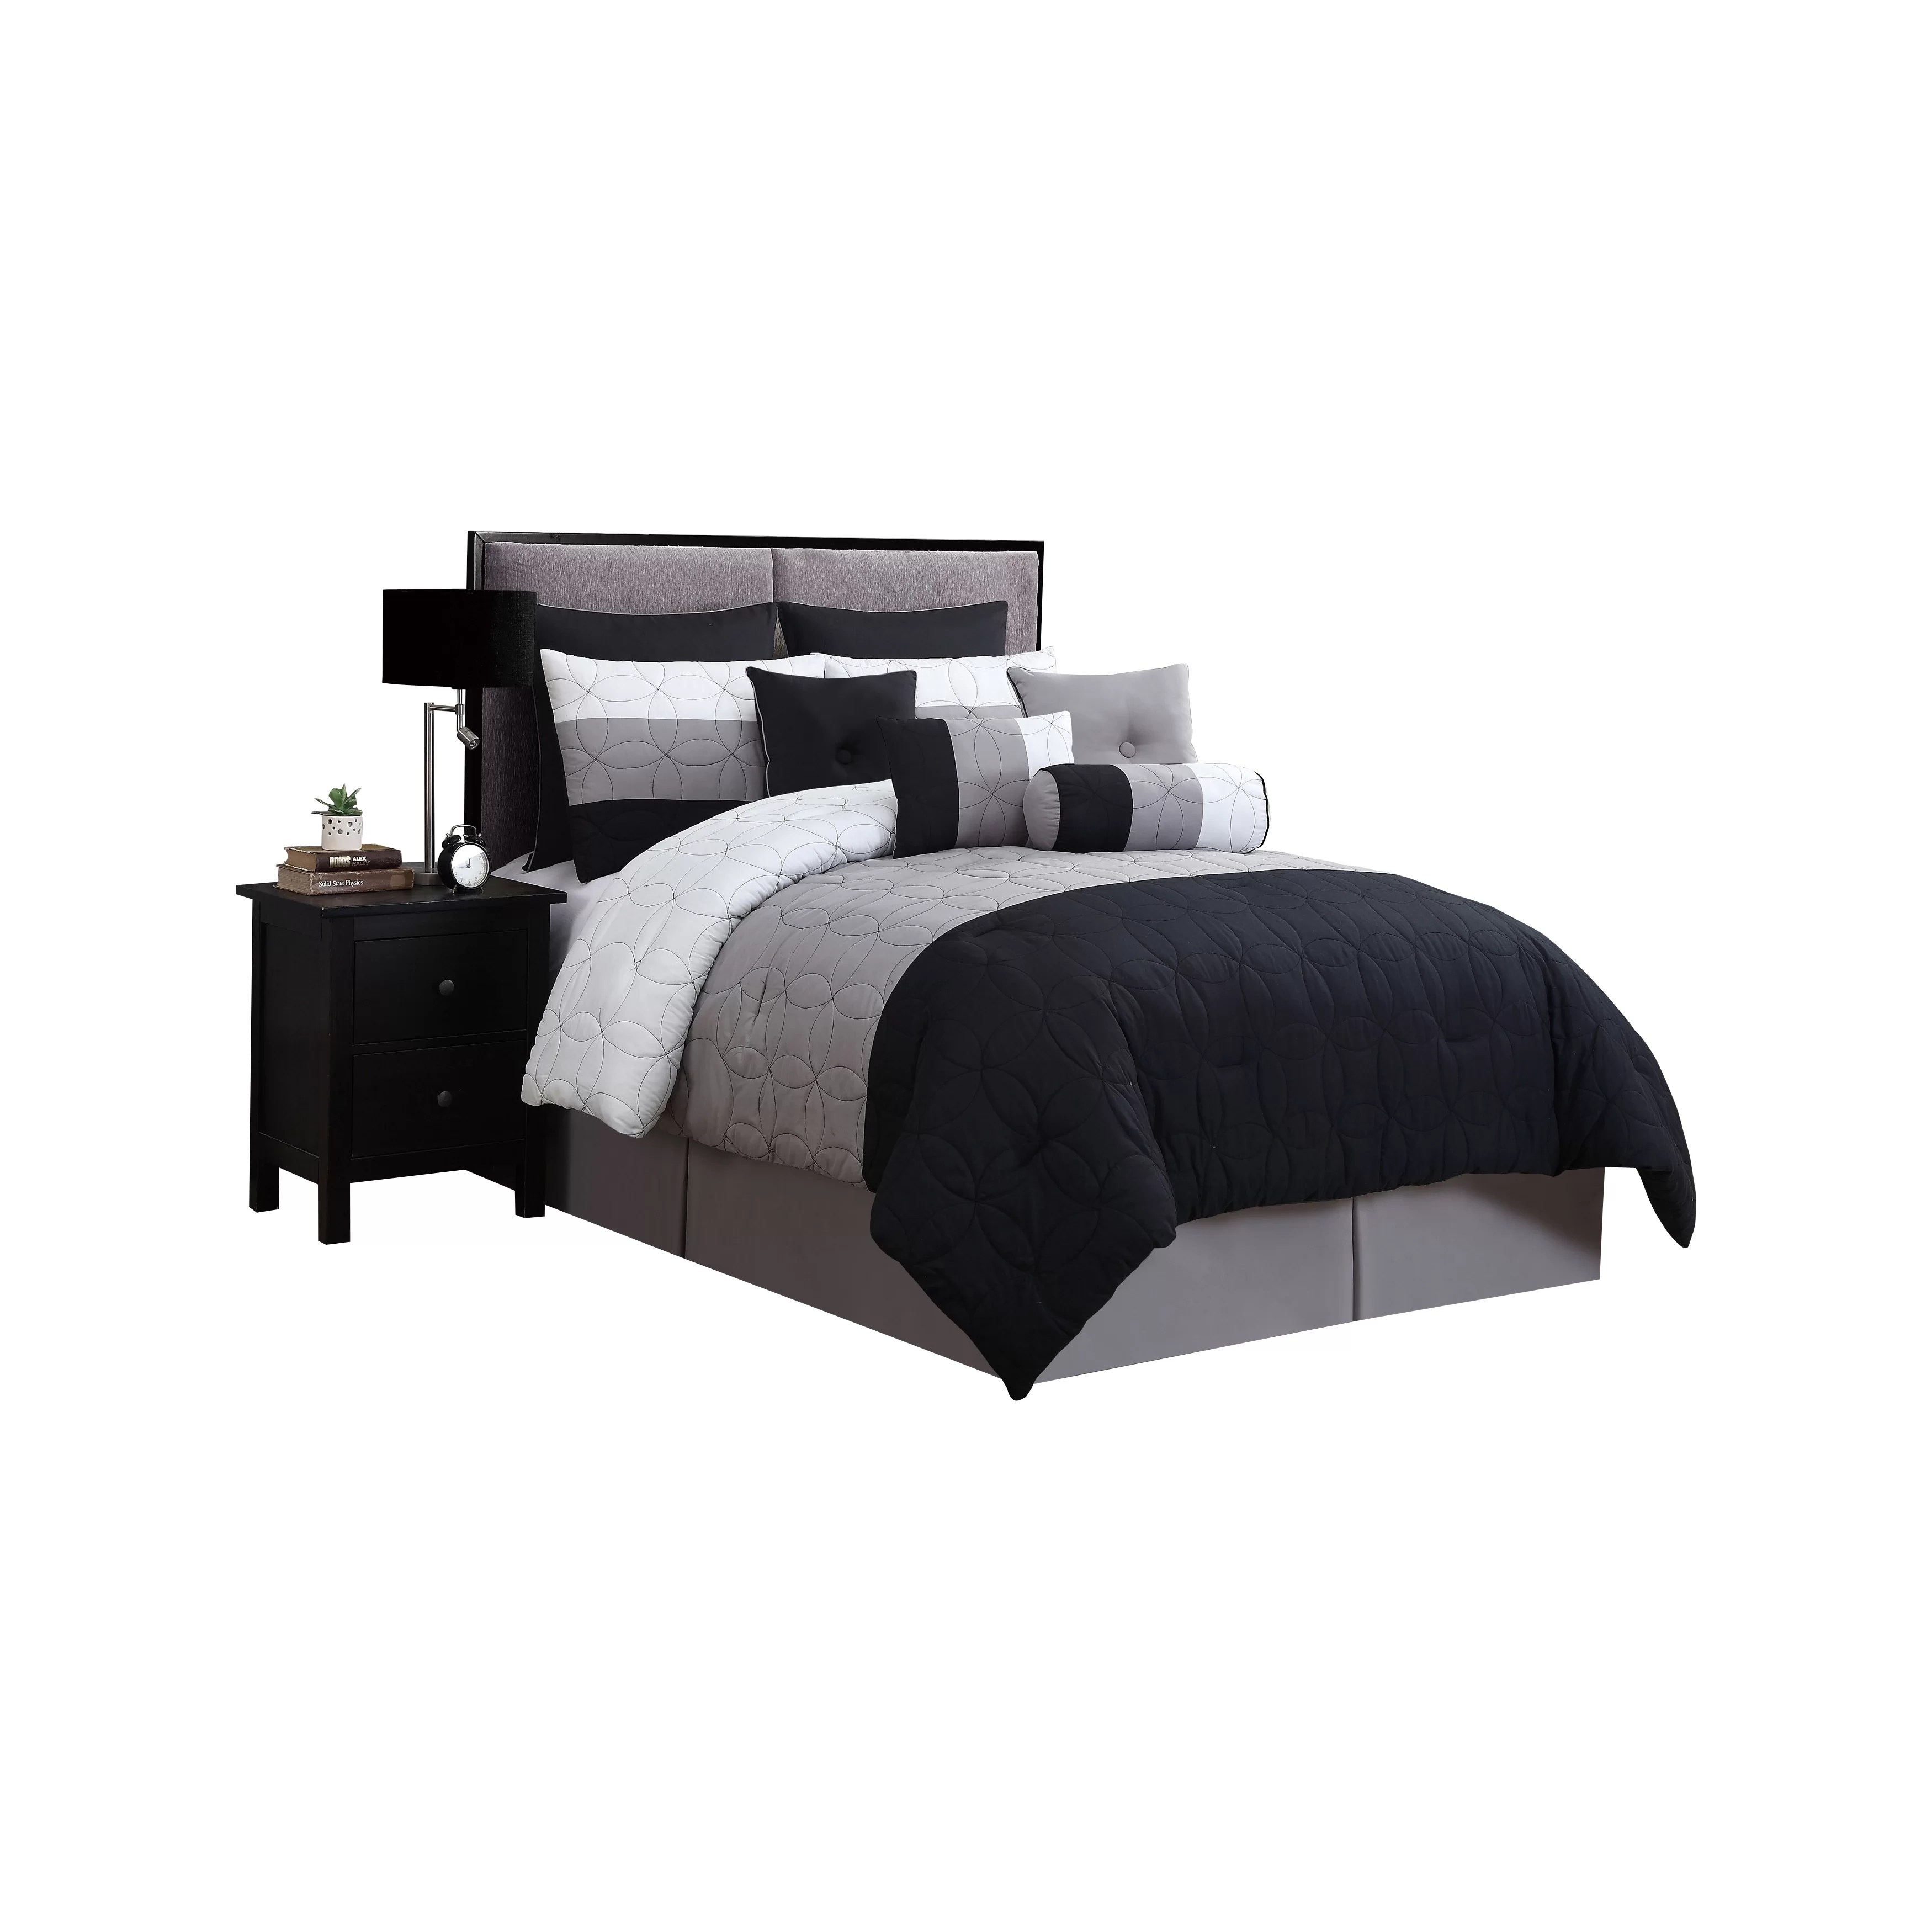 Geneva Home Lenox 20 Piece Comforter Set & Reviews